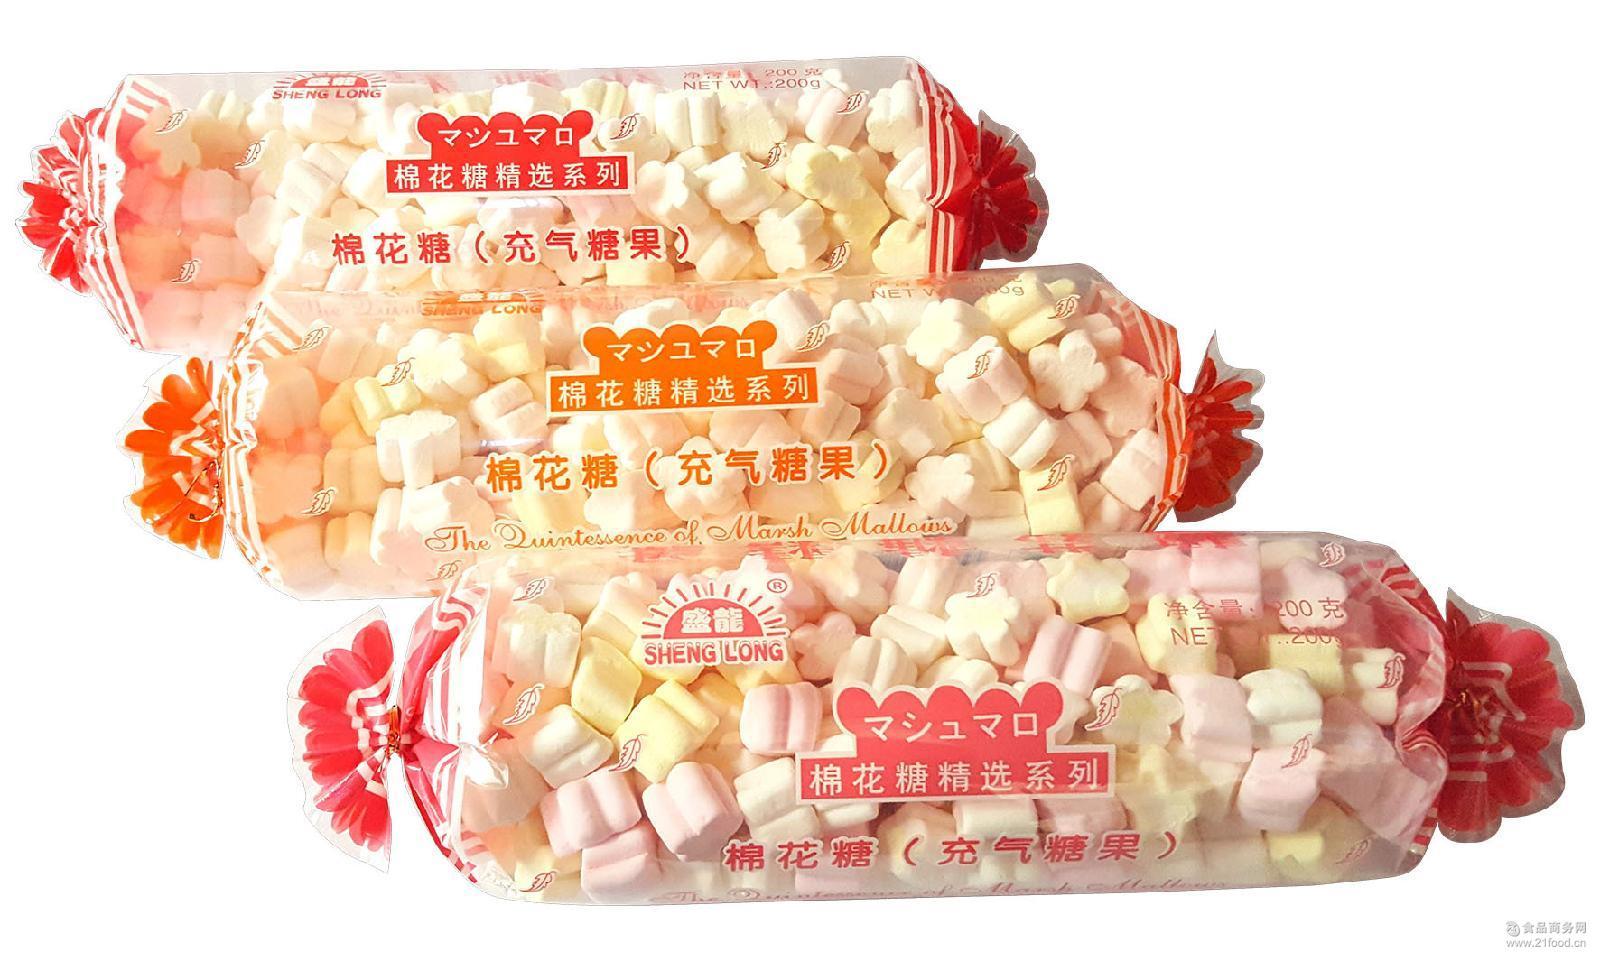 盛龙牌糖果形棉花糖200g大包装喜庆装厂家直销六一儿童节休闲食品